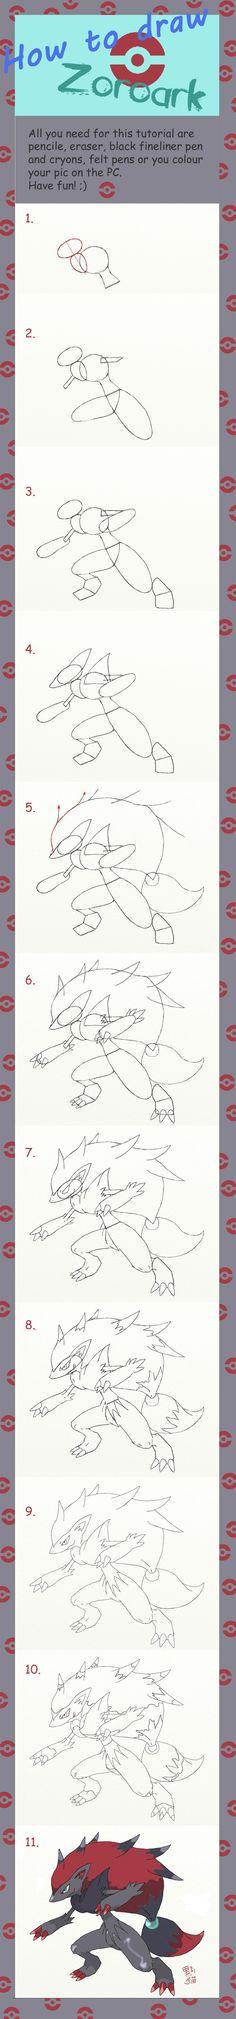 How to draw Zoroark by Dunkelkatze